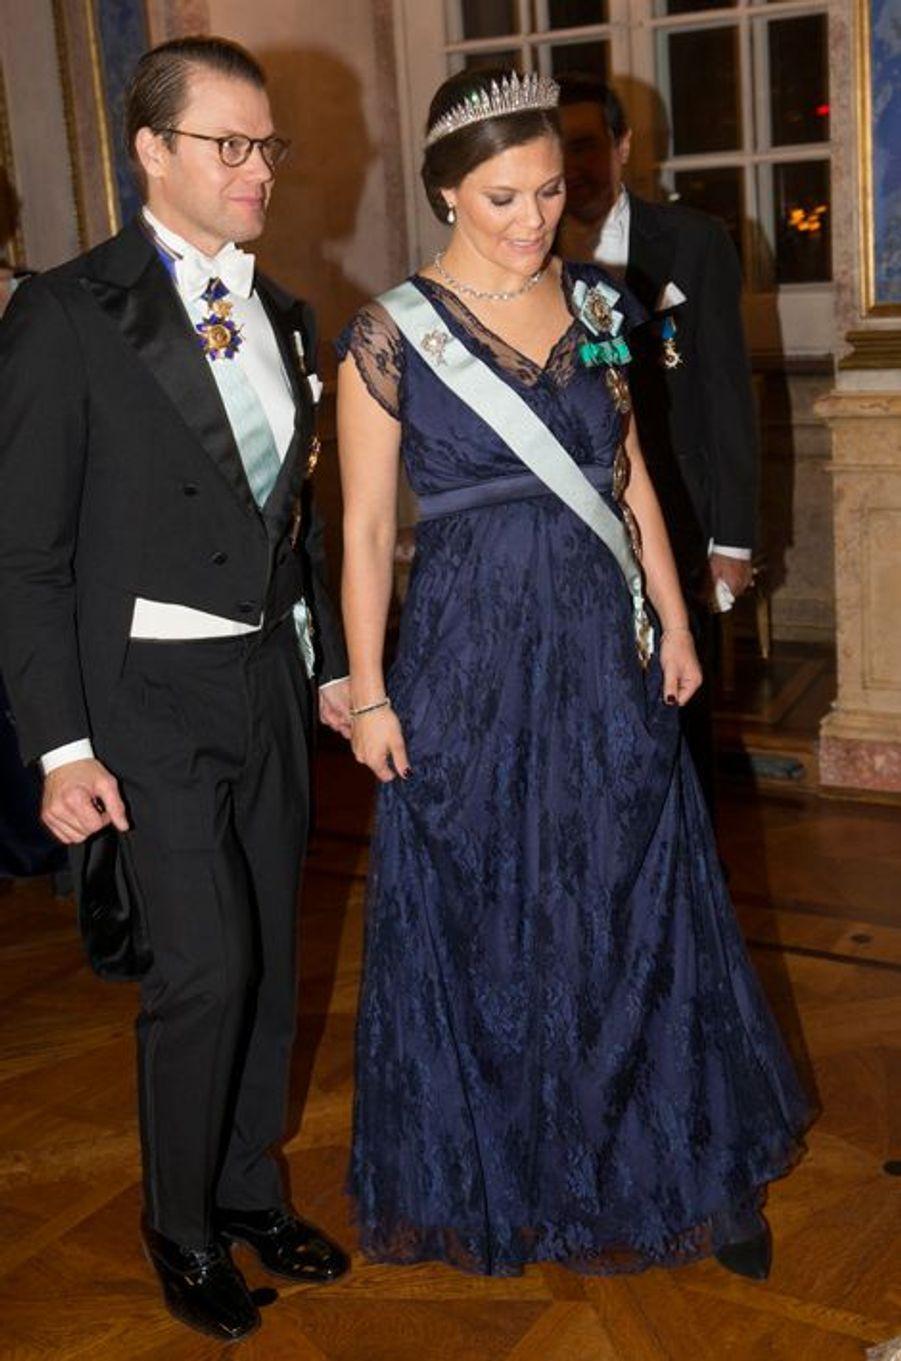 La princesse Victoria de Suède et le prince consort Daniel au Palais royal à Stockholm, le 4 novembre 2015